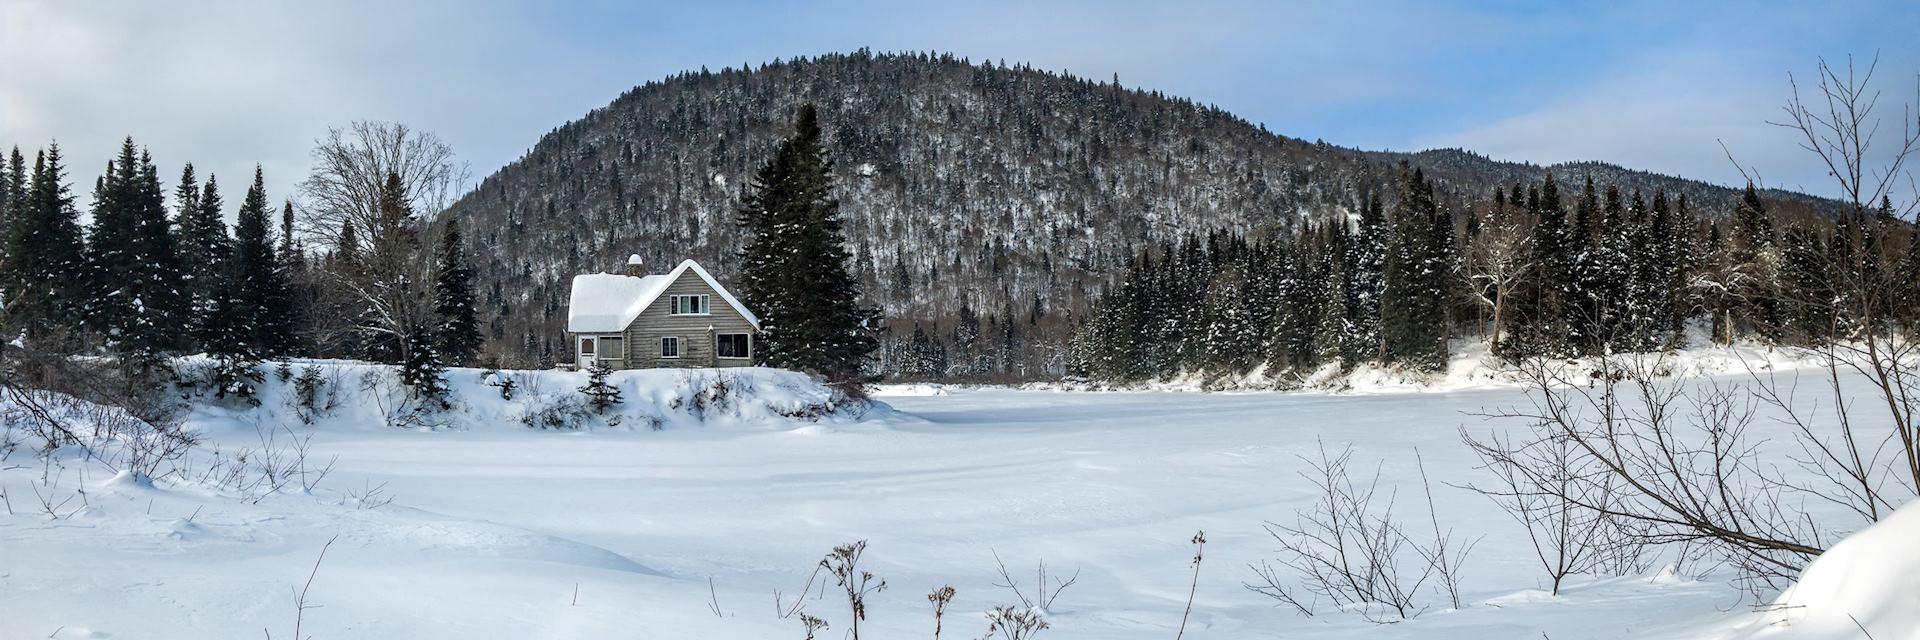 Jacques-Cartier National Park near Saint-Alexis-des-Monts